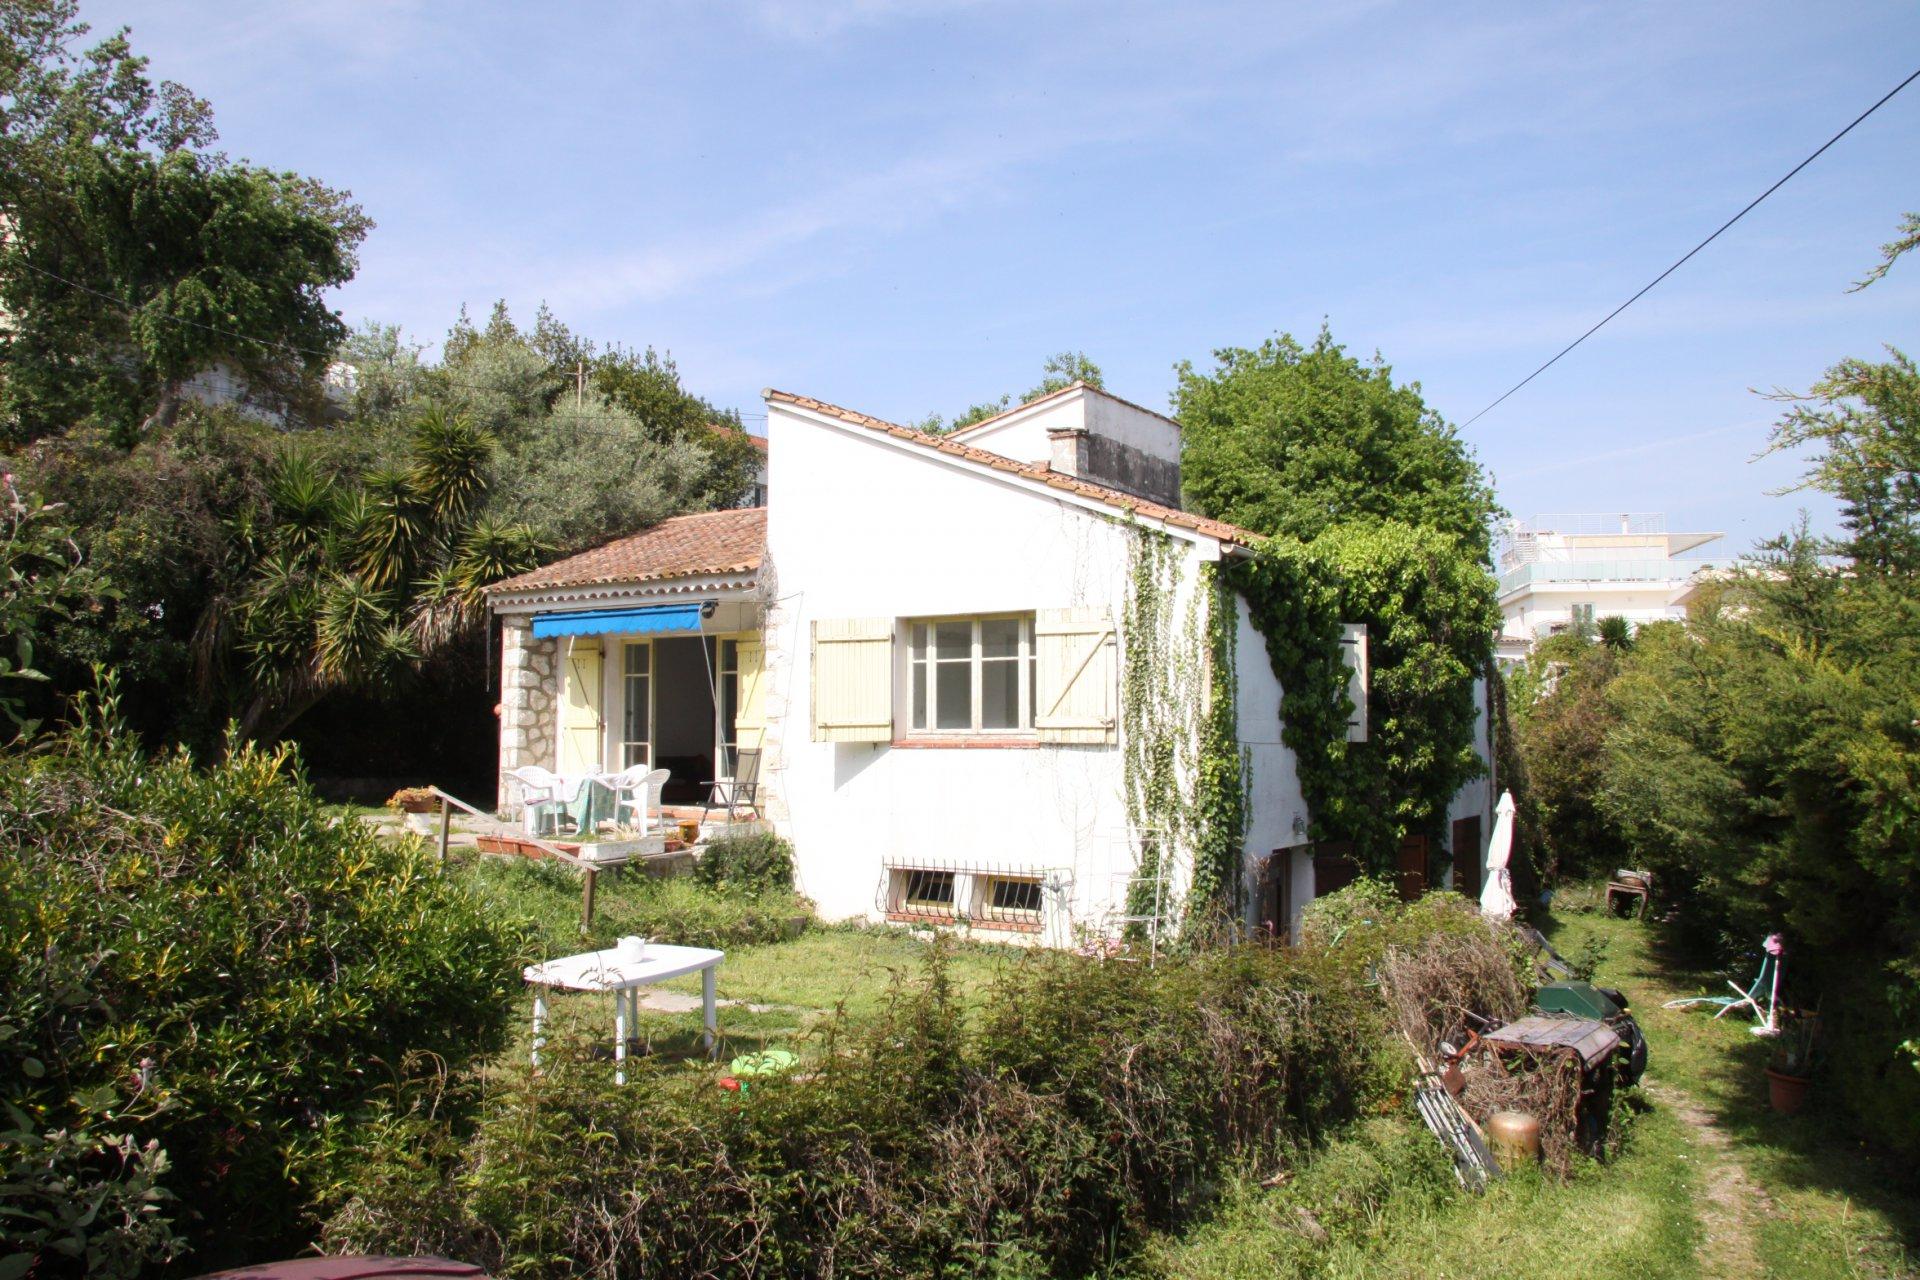 Maison de 180 m2 à rénover sur jardin de 800 m2